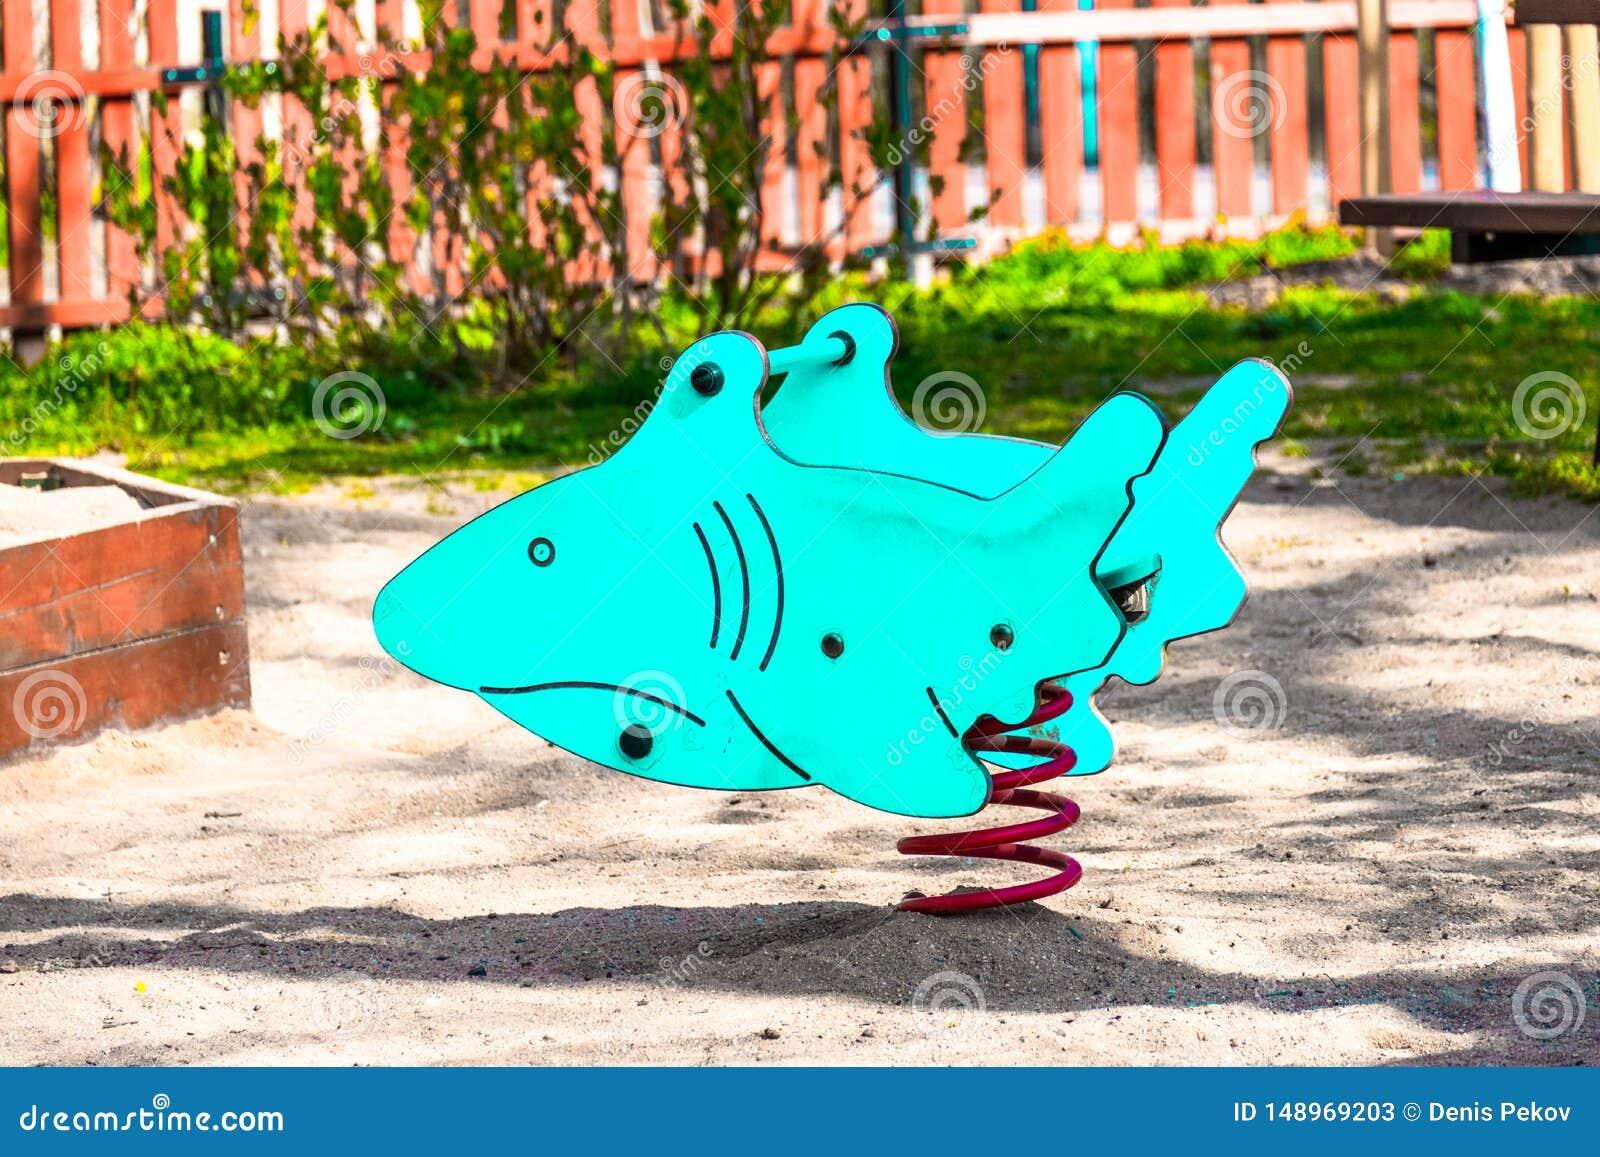 Spielzeughaifisch der Kinder, blaue Farbe, auf dem Spielplatz für Kinder